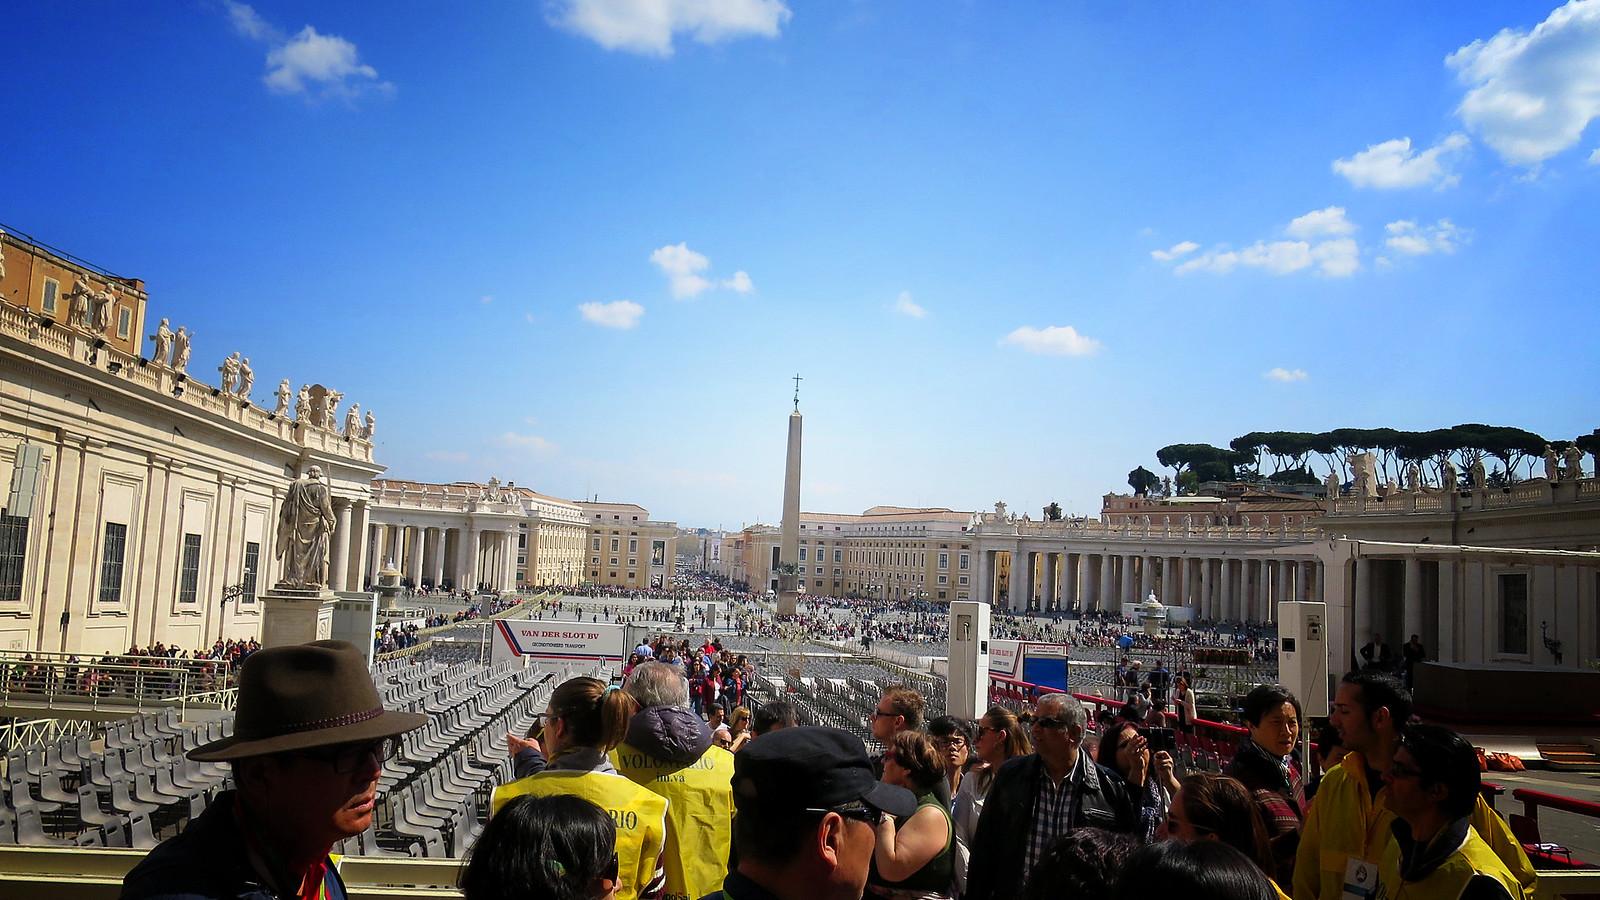 Città del Vaticano: Piazza San Pietro - Musei Vaticani - Cappella Sistina - Basilica di San Pietro